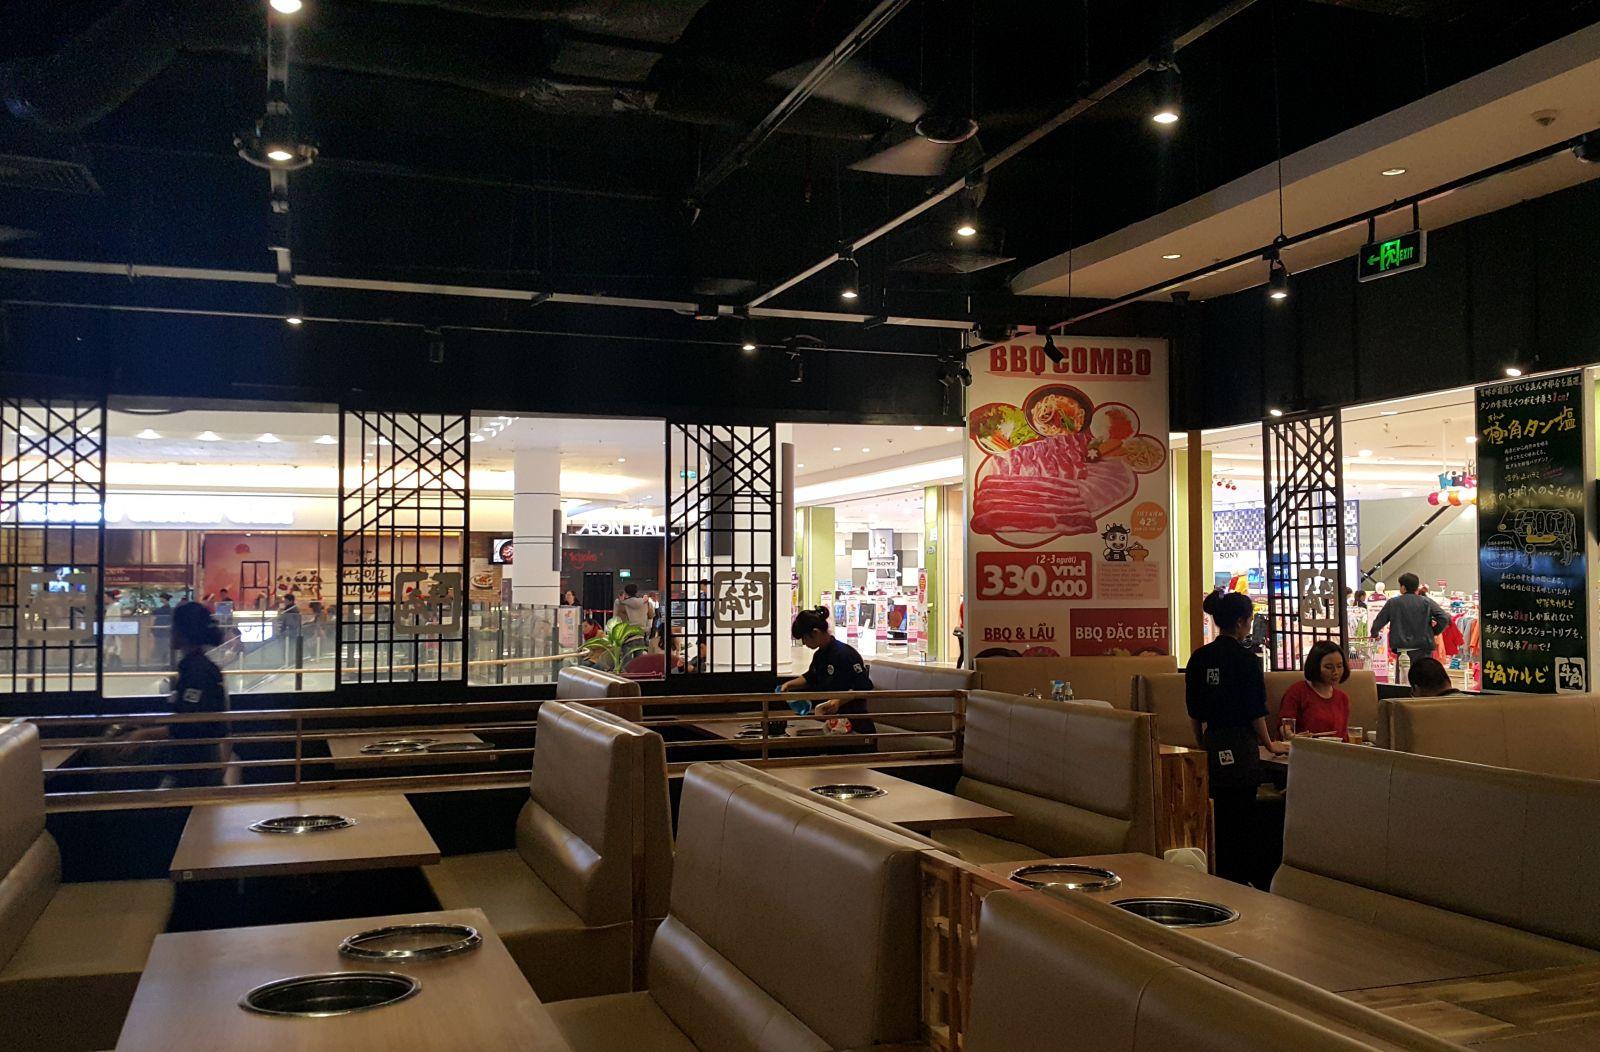 <p class='title-pro'>Gyukaku Aeon Mall Long Biên</p><div class='box_info_pro'><div class='title_inf_pro'><span>Chủ đầu tư</span>: CTCP Colowide Việt Nam</div><div class='title_inf_pro'><span>Vai trò đảm nhận</span>: Nhà thầu Cơ điện - Qua Tổng thầu TDA</div><div class='title_inf_pro'><span>Địa điểm</span>: T302, Tầng 3, Aeon Mall Long Biên, 27 Cổ Linh, Hà Nội</div><div class='title_inf_pro'><span>Thời gian hoàn thành</span>: Tháng 10-2015</div><p class='box-work'><span>Hạng mục công việc</span>: Cung cấp và thi công lắp đặt hệ thống Điện, điện nhẹ, cấp thoát nước & điều hòa thông gió. (Qua Tổng thầu TDA)</p></div>